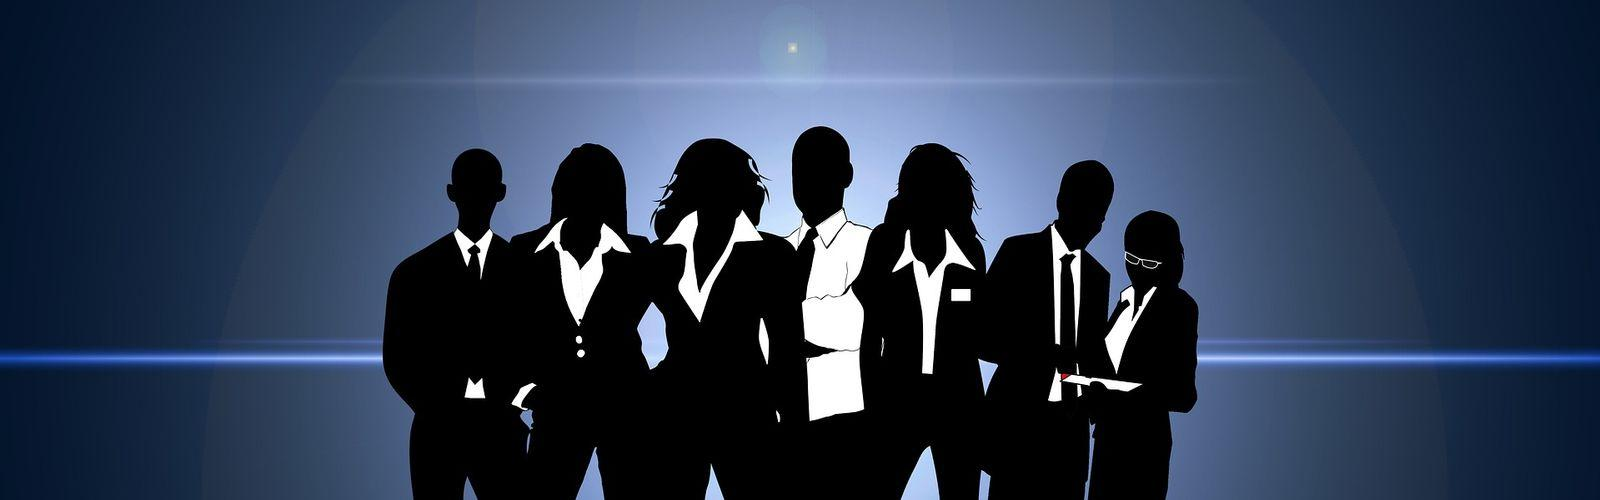 Grafika przedstawia 7 osób.